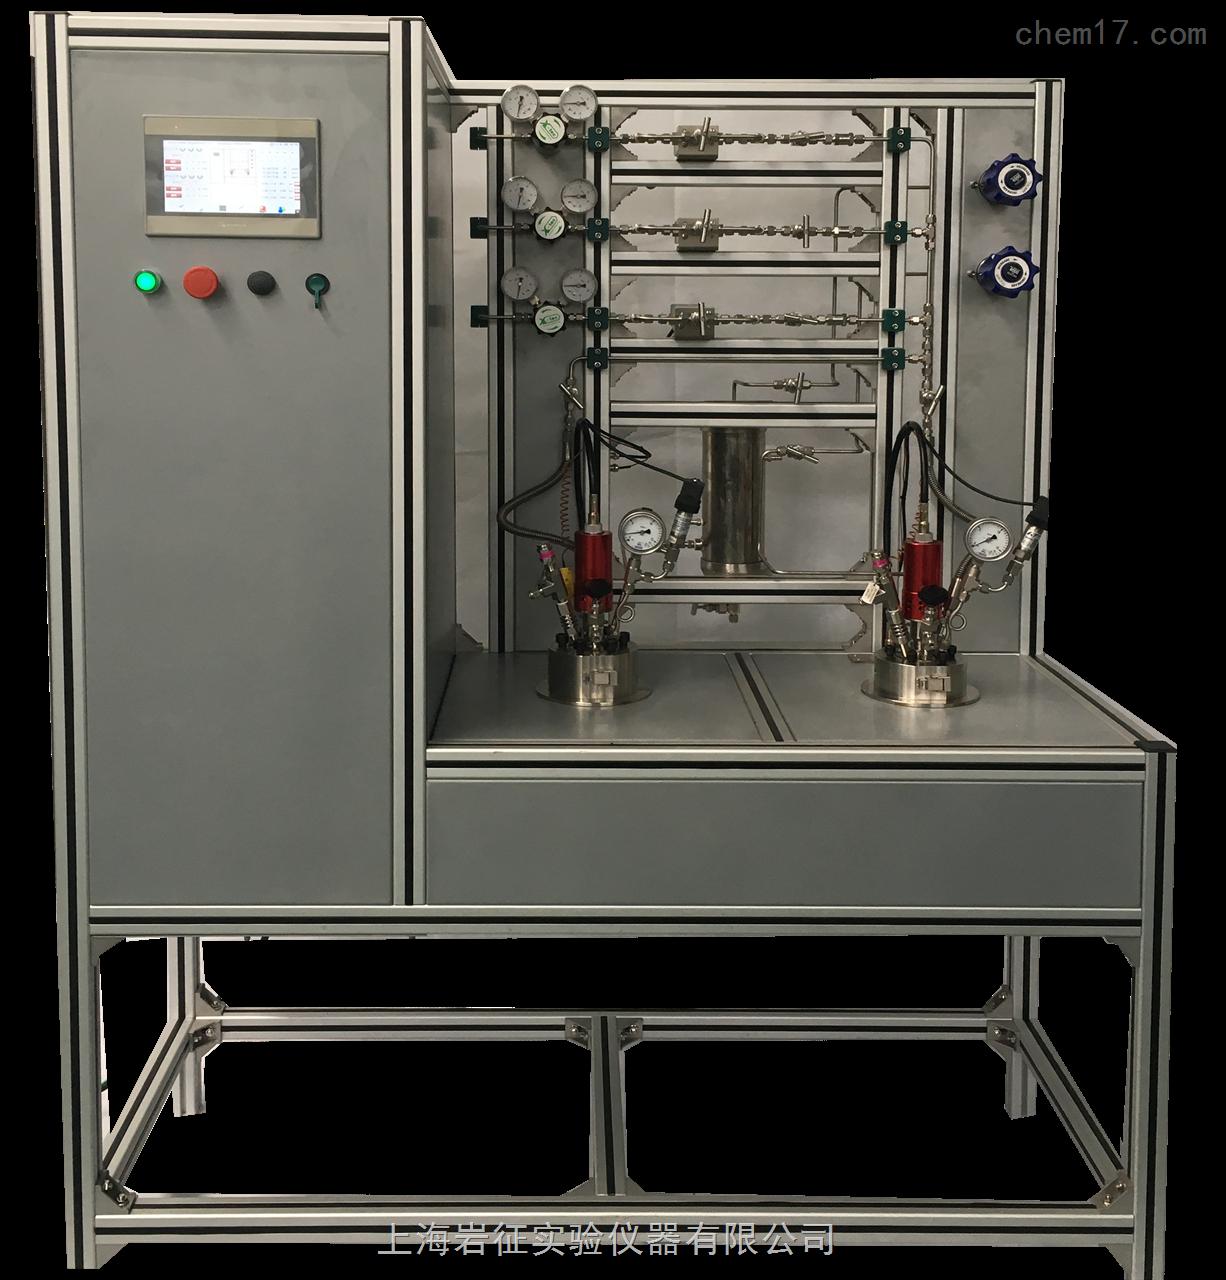 釜式反应装置